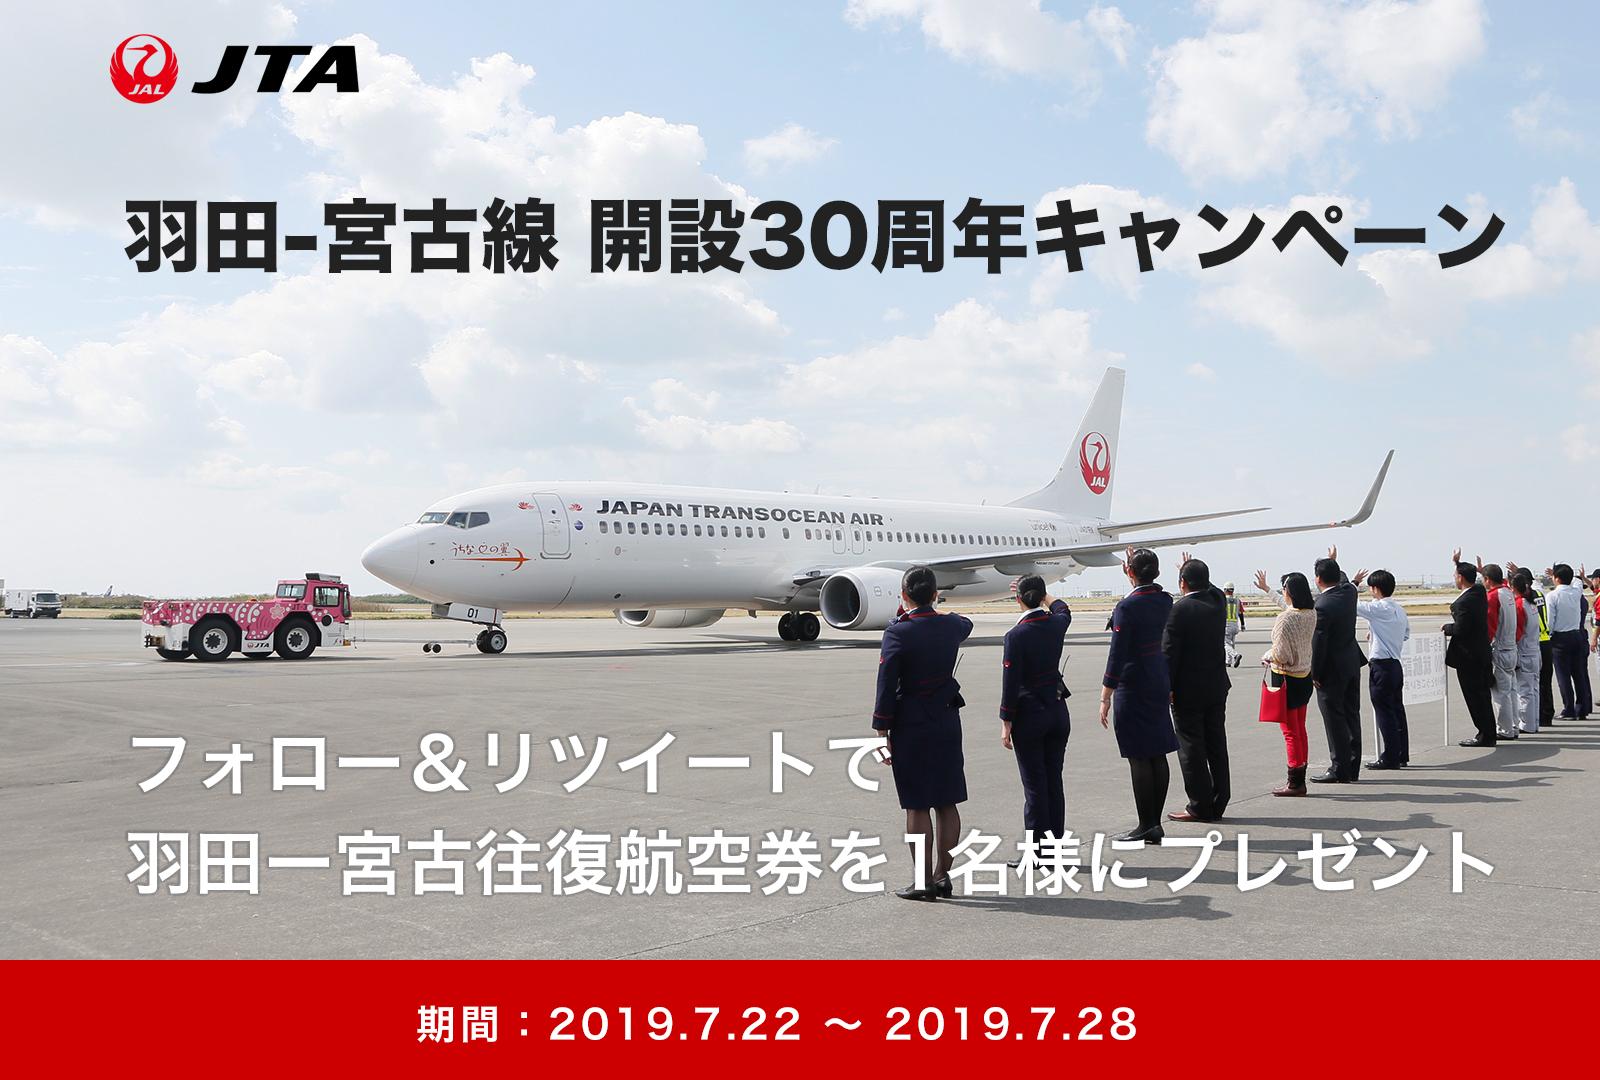 羽田=宮古路線 30周年 Twitterキャンペーン開催